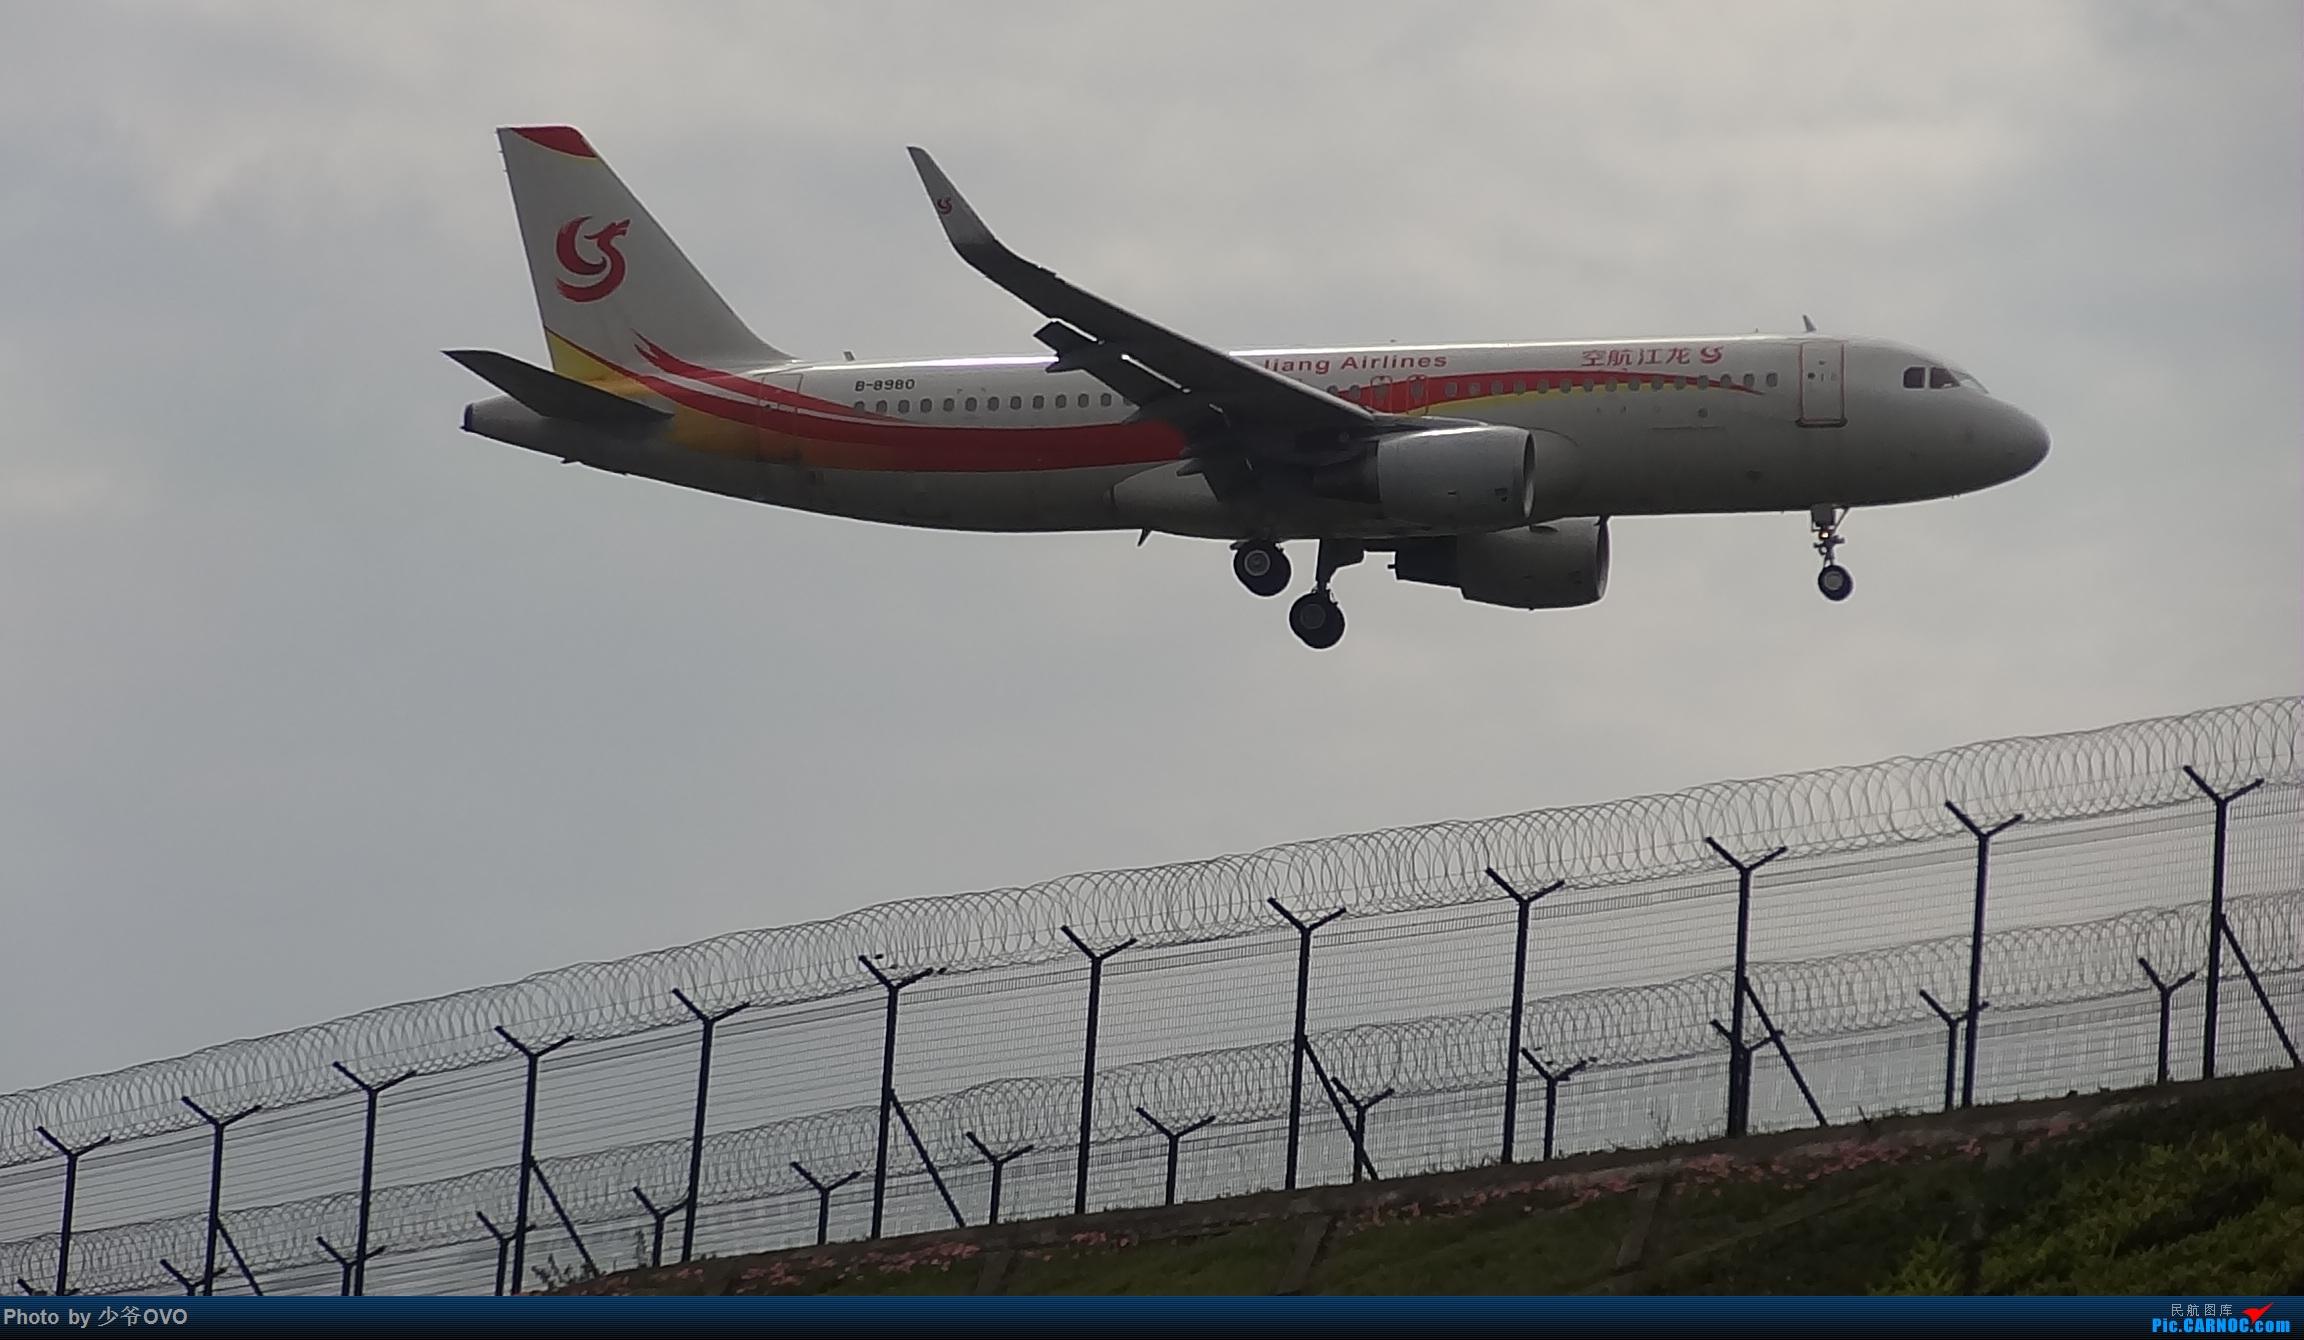 Re:[原创]CKG拍机,数码机最后的倔强 AIRBUS A320-200 B-8980 中国重庆江北国际机场